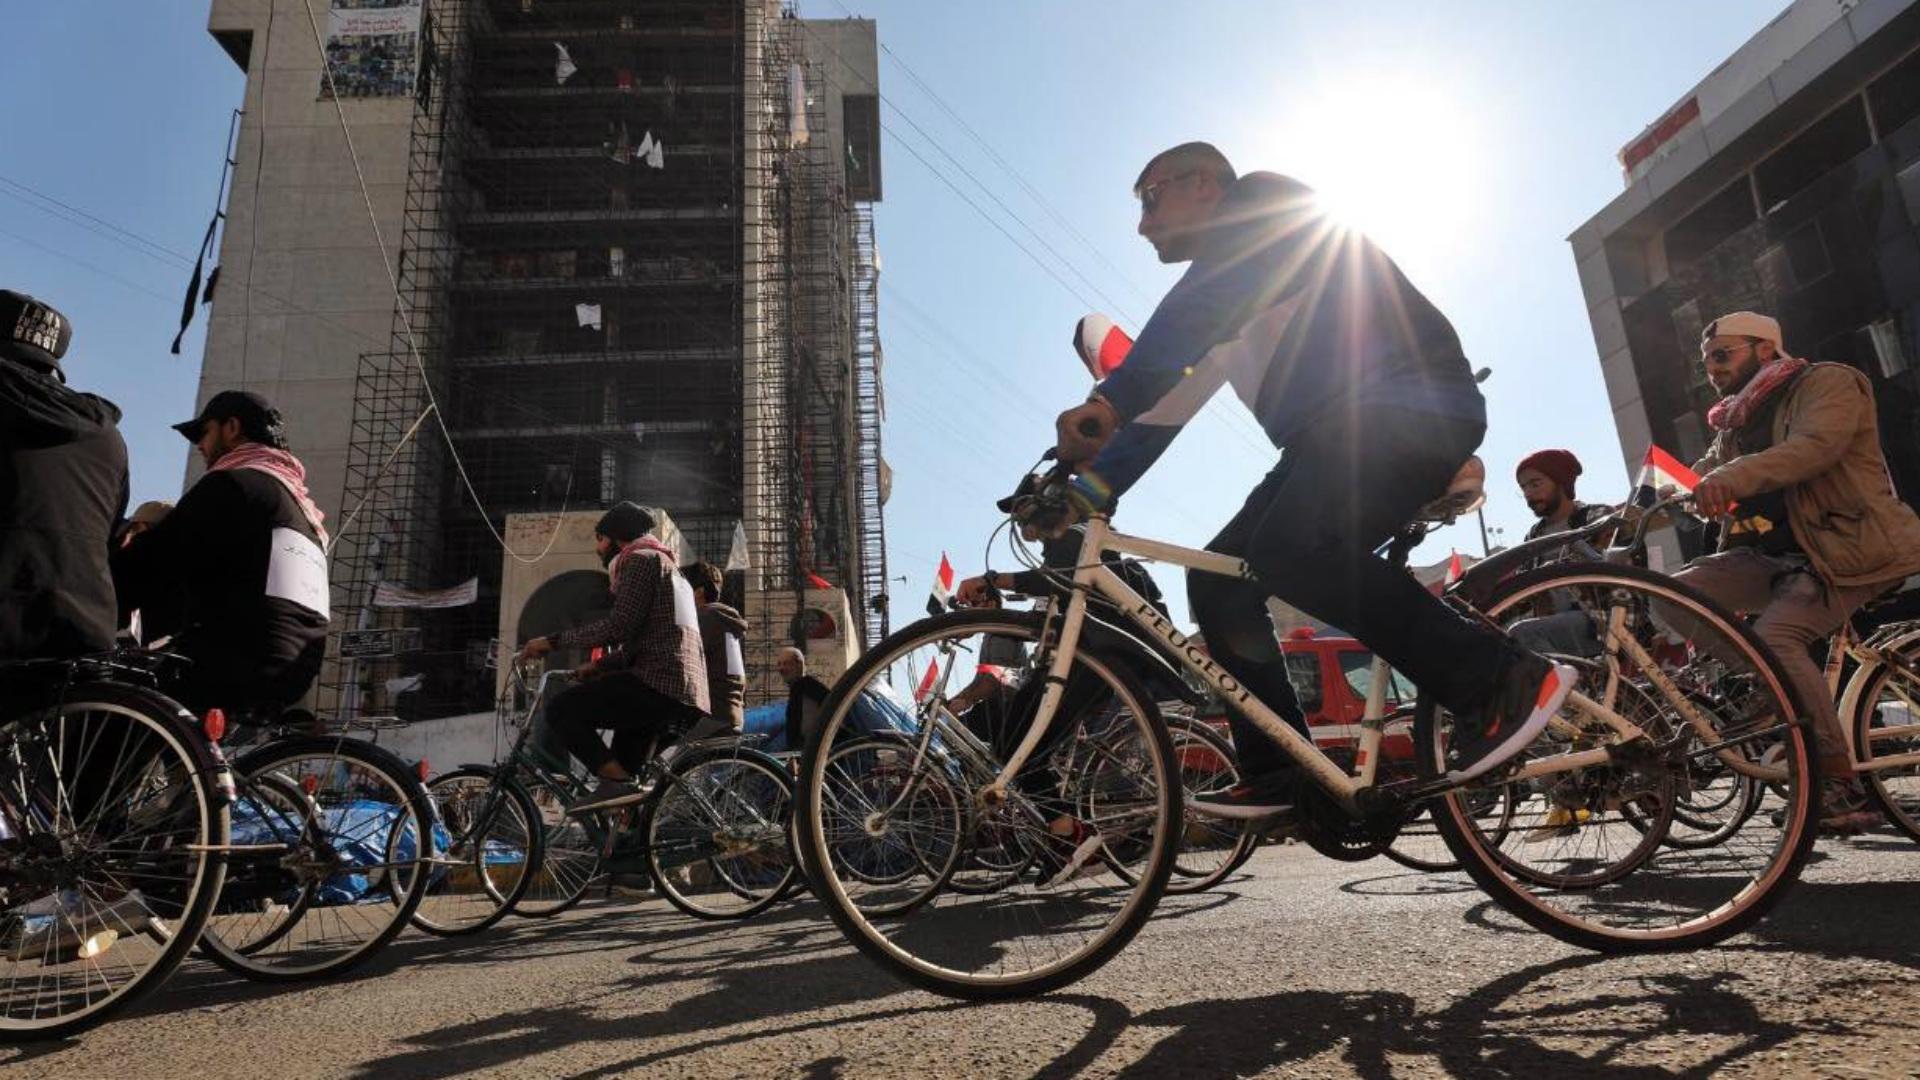 متظاهرون ينظمون فعالية للدراجات الهوائية في التحرير